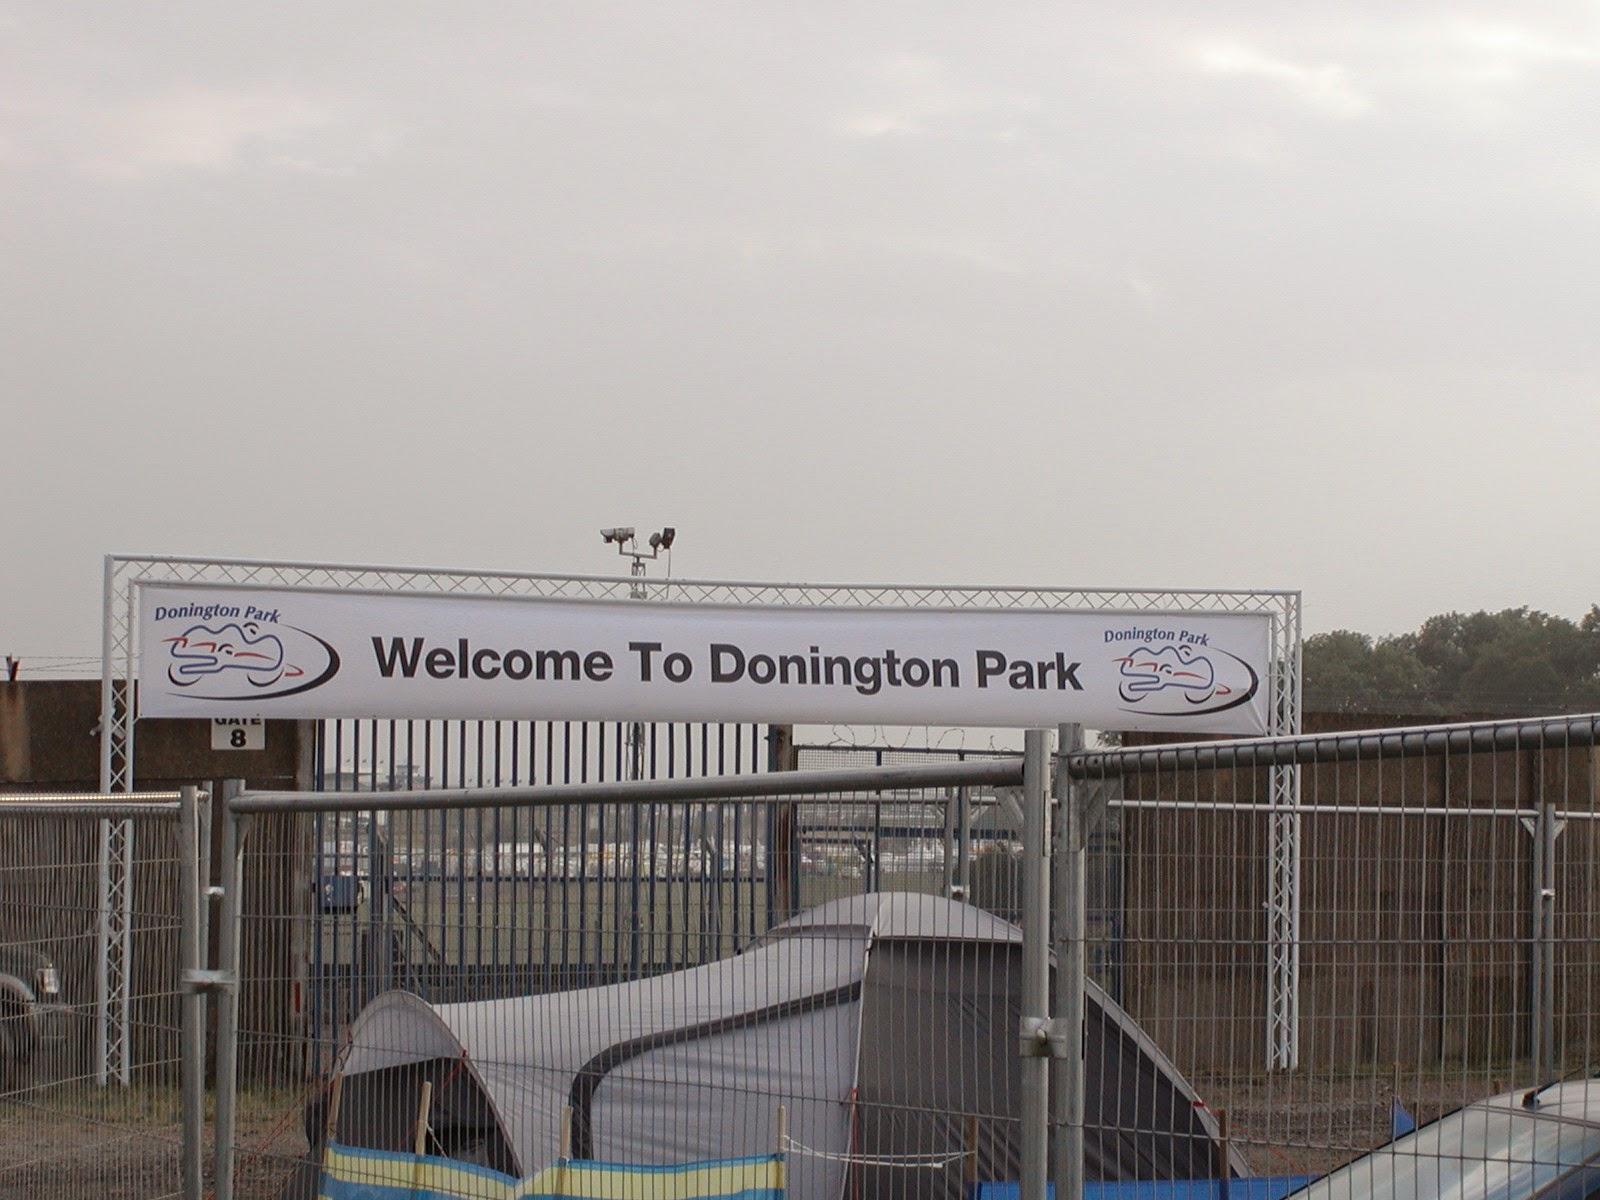 entrada al circuito de Donington Park